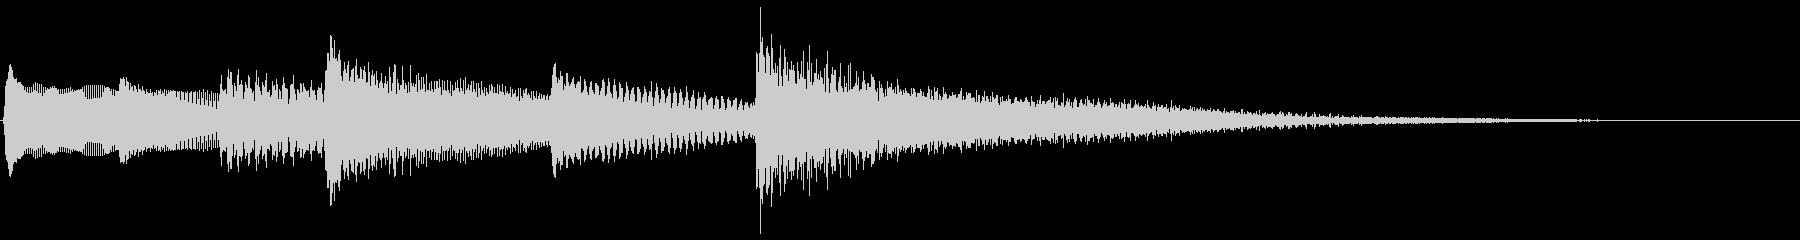 【生演奏】少し荘厳なピアノジングルの未再生の波形